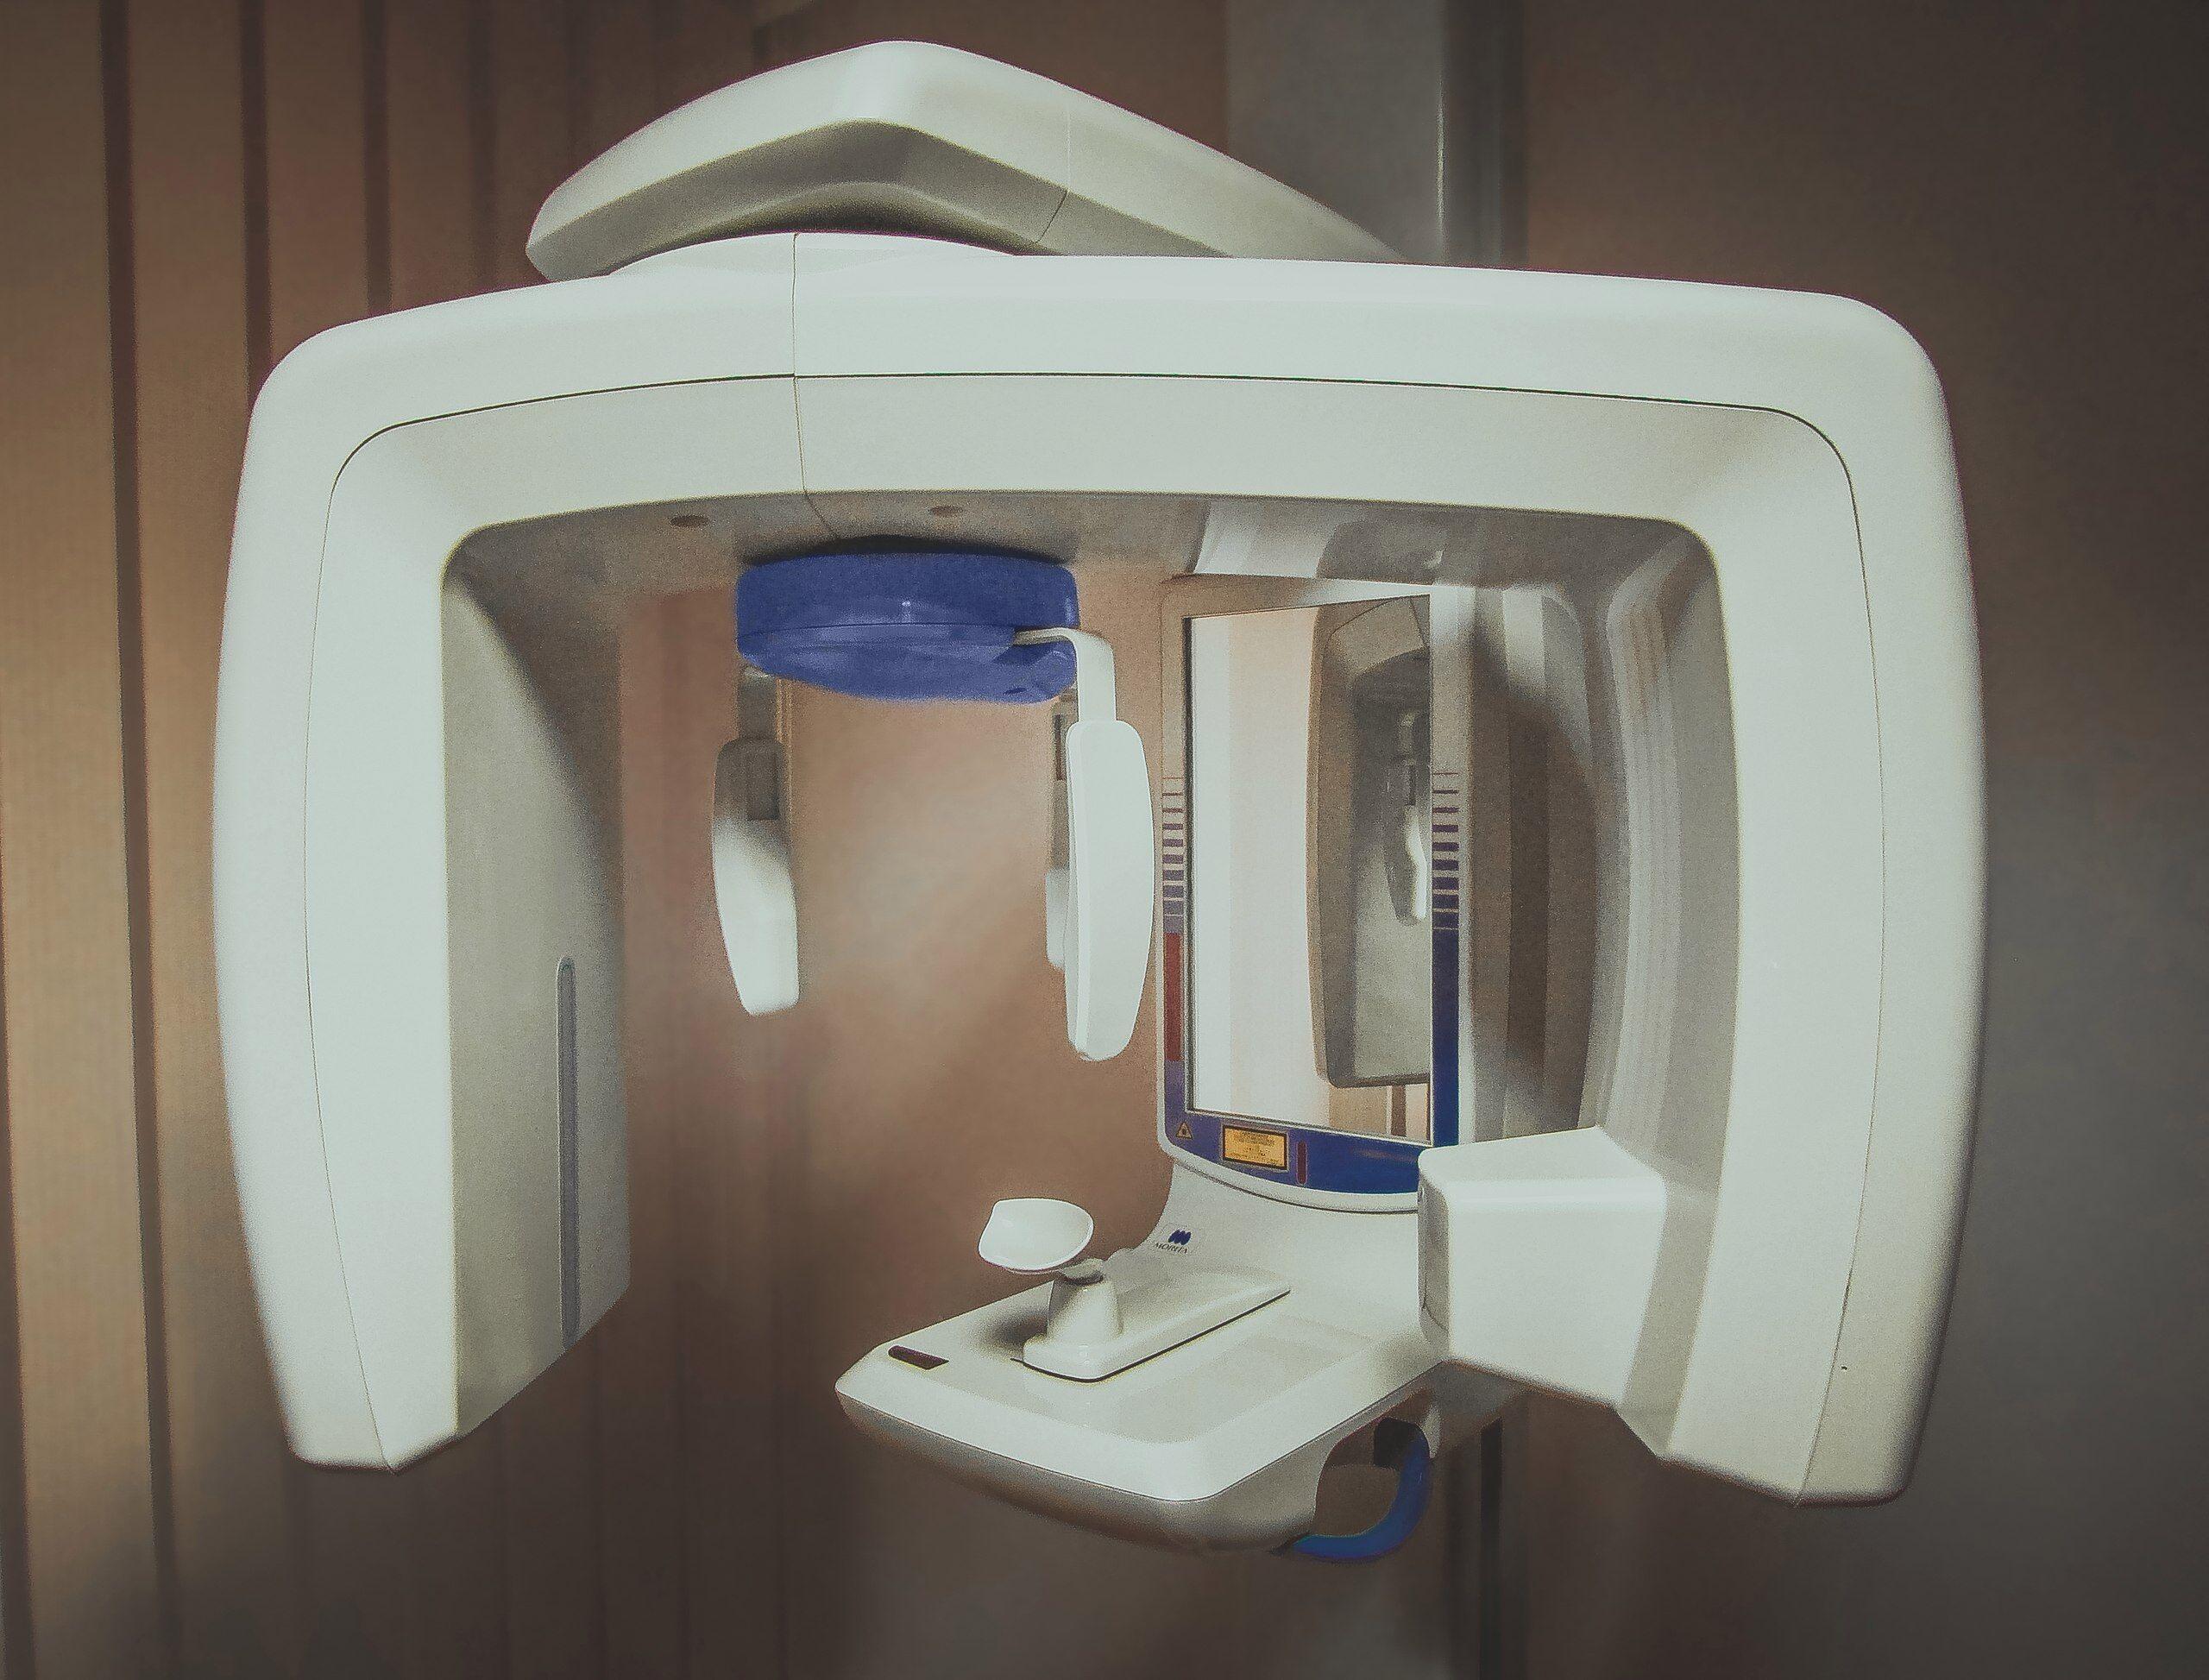 Ексклюзивний в усьому регіоні рентгеноскопічний апарат